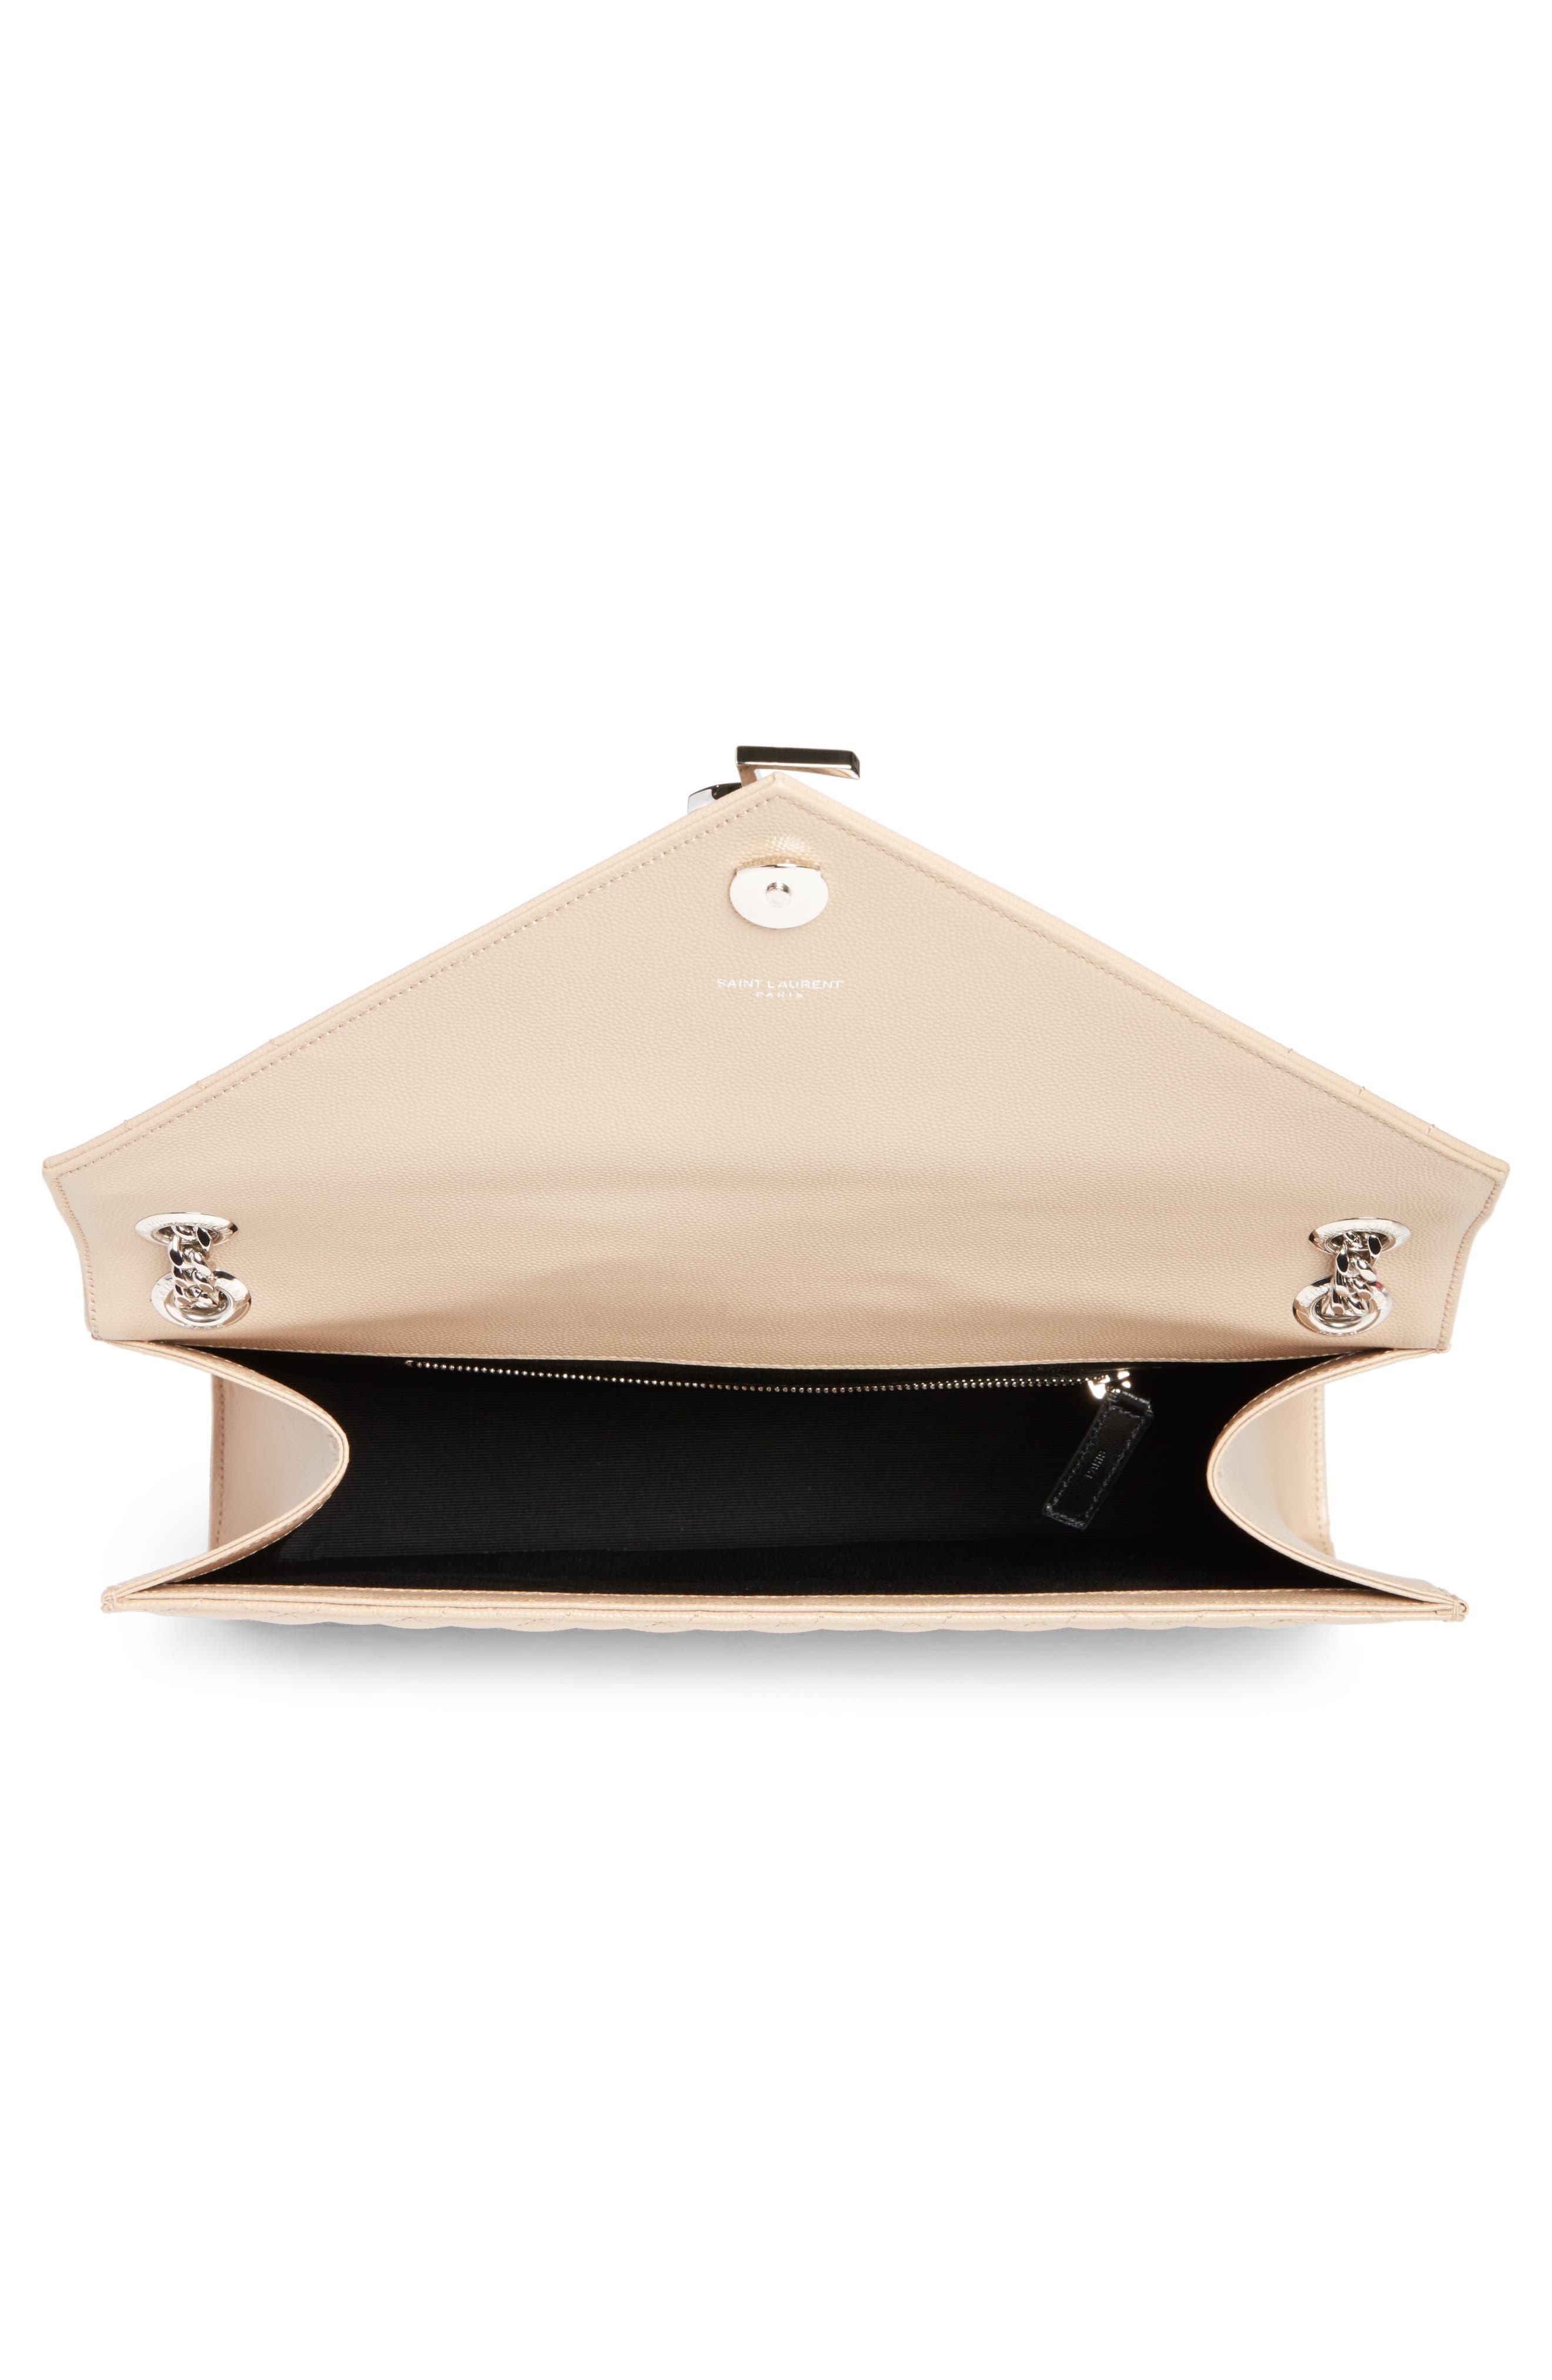 Large Monogramme Calfskin Leather Shoulder Bag,                             Alternate thumbnail 4, color,                             253